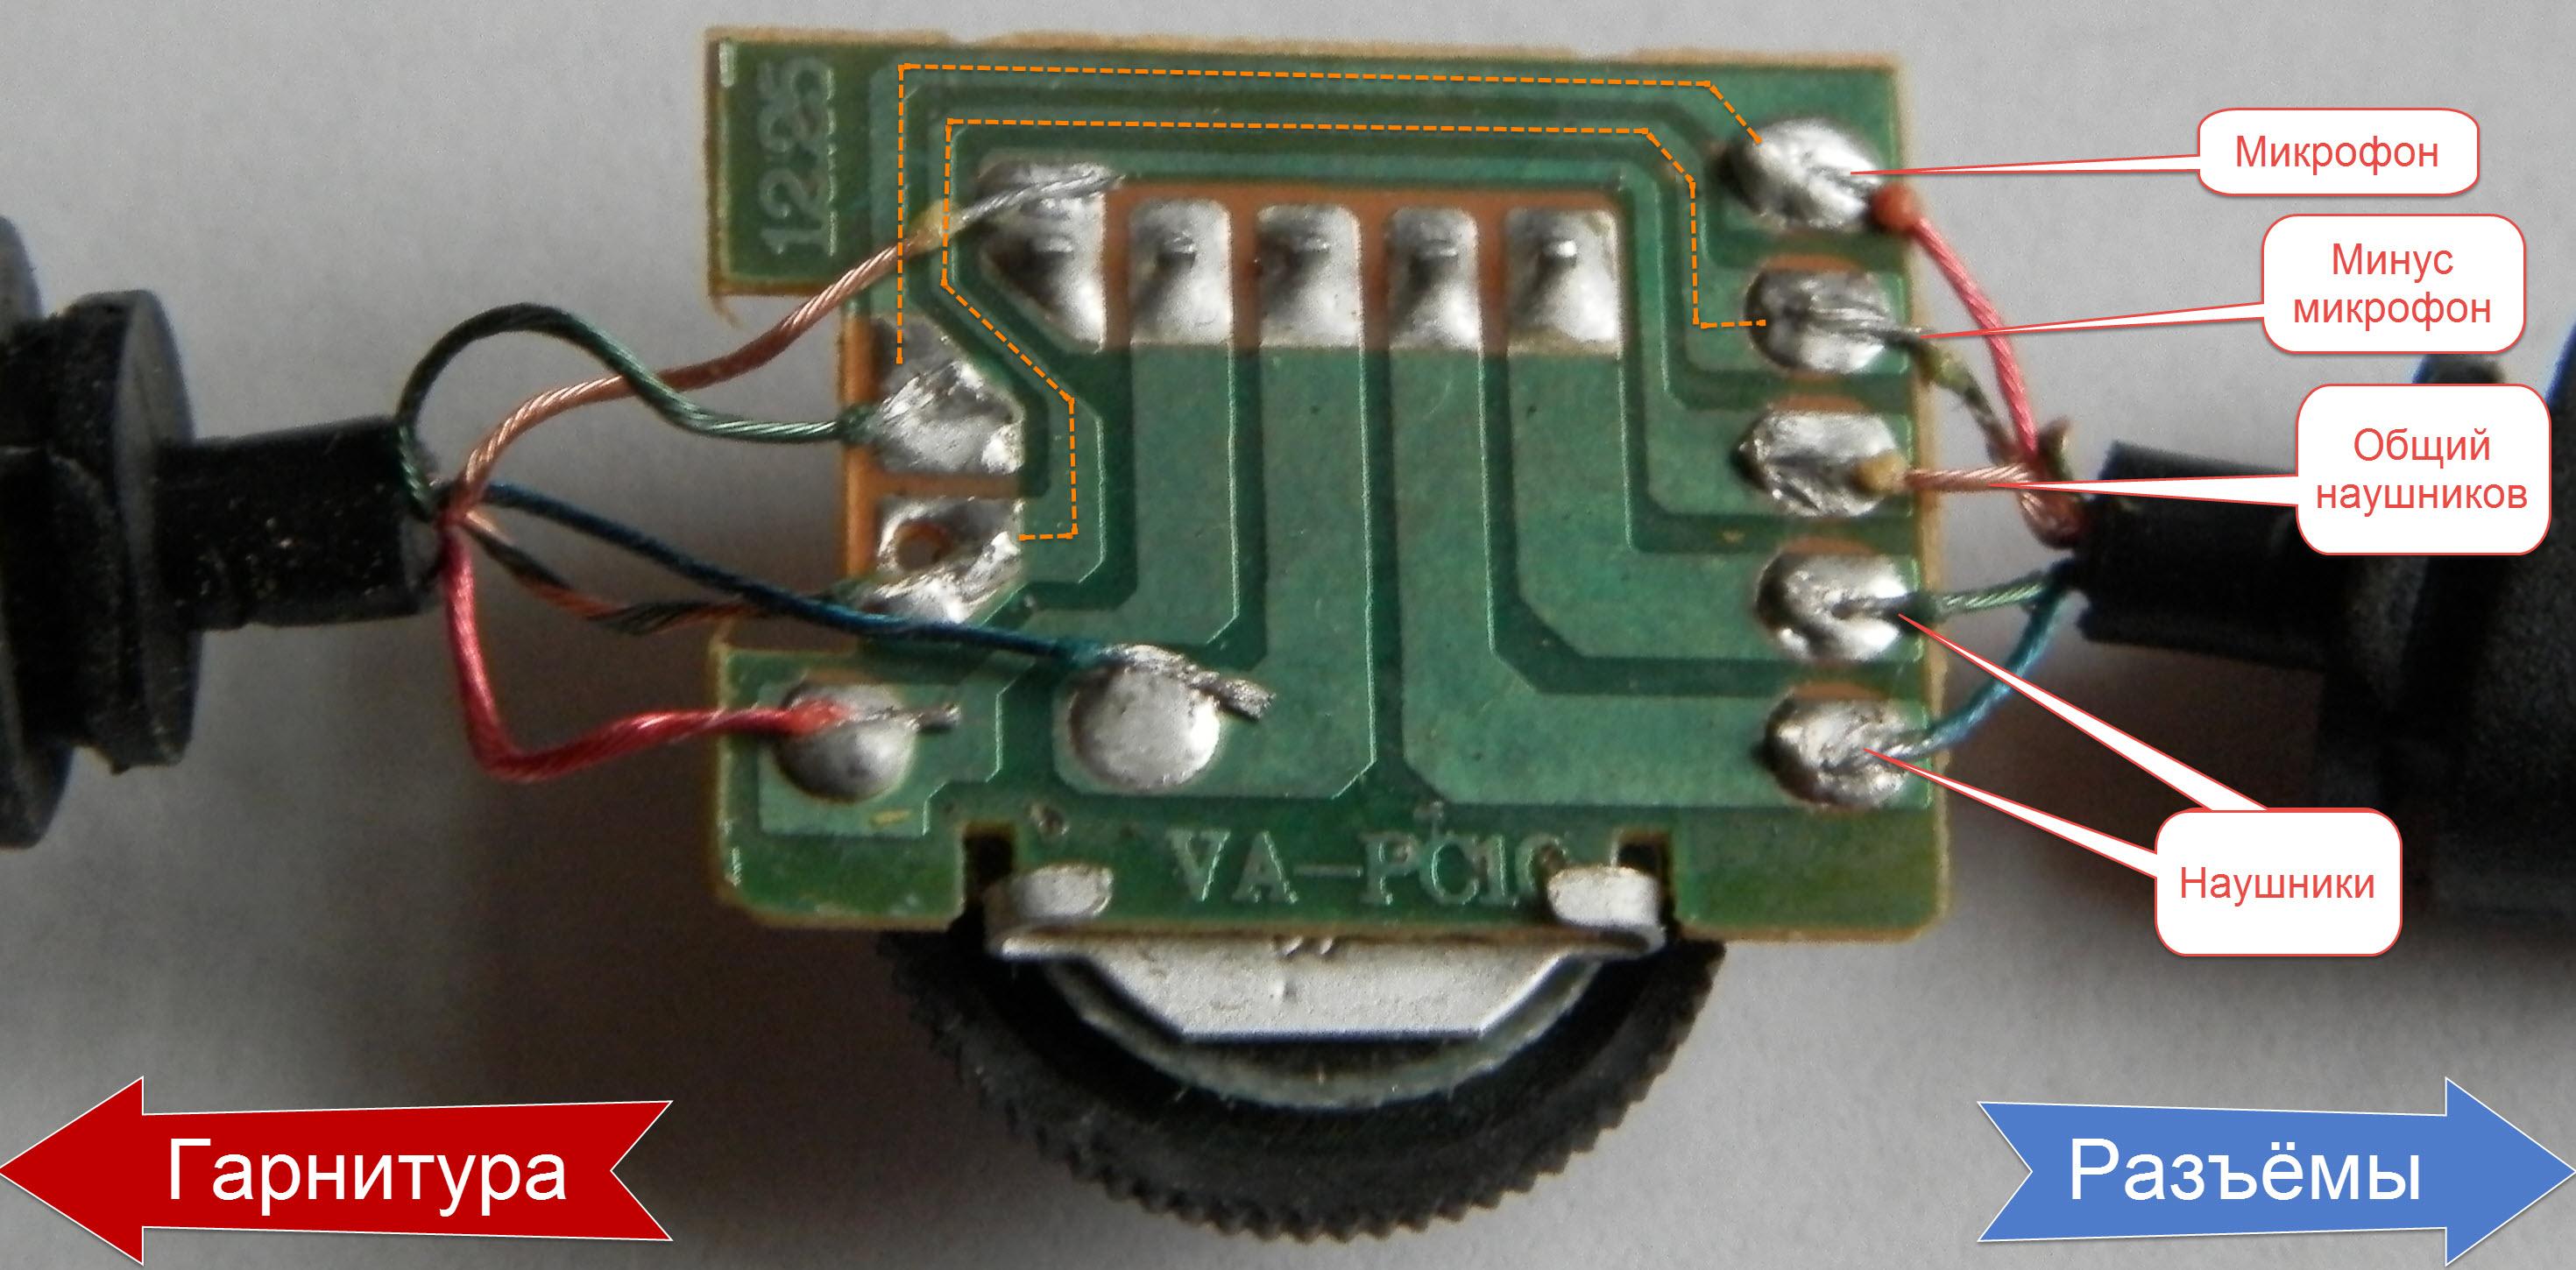 Схема проводов наушников с микрофоном sven